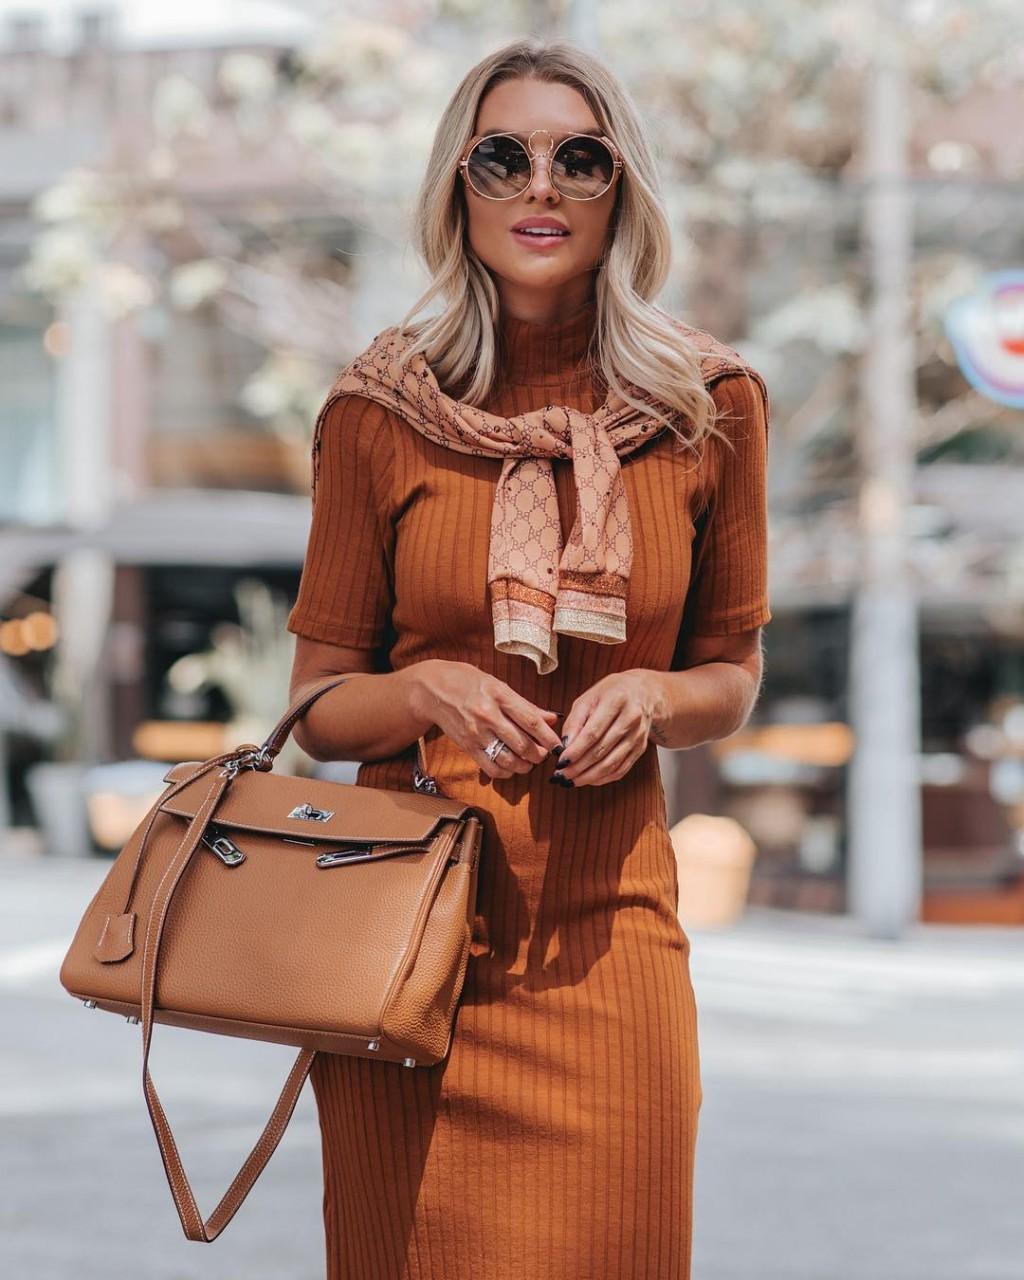 Деловой стиль для женщин возраста элегантности — 11  образов на весну 2019